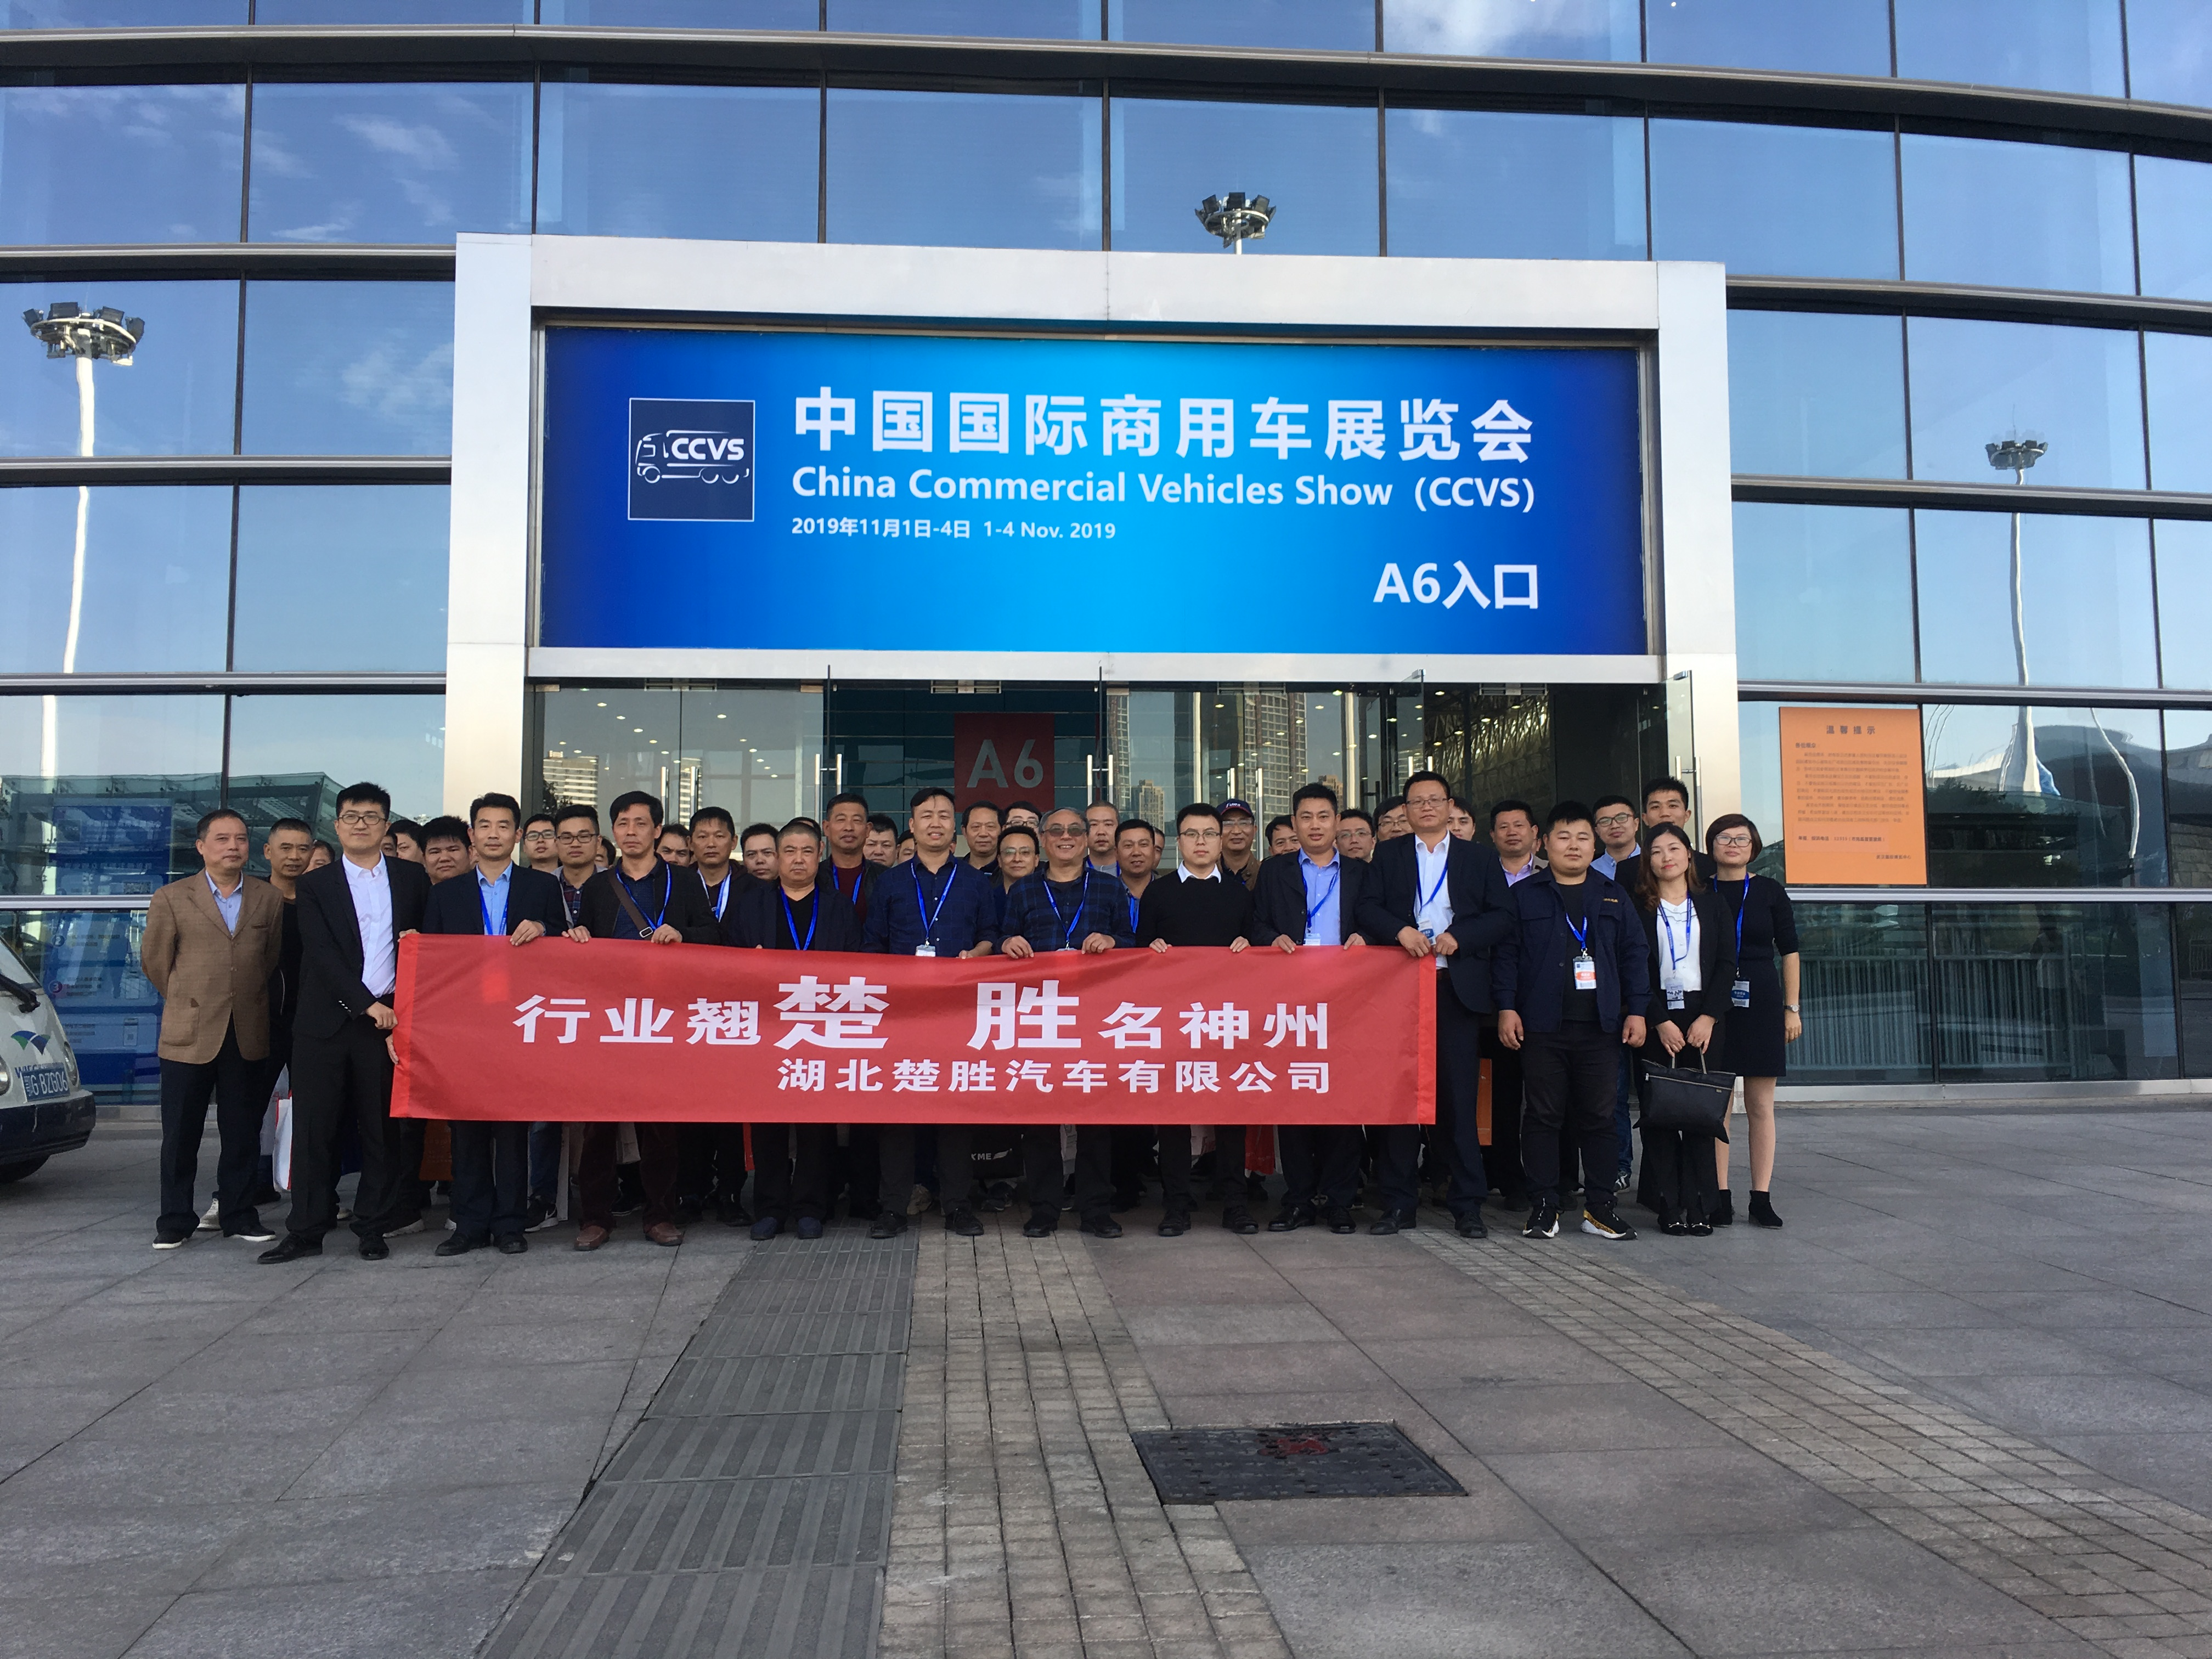 湖北long8手机pt客户端亮相2019(武汉)国际商用车展览会